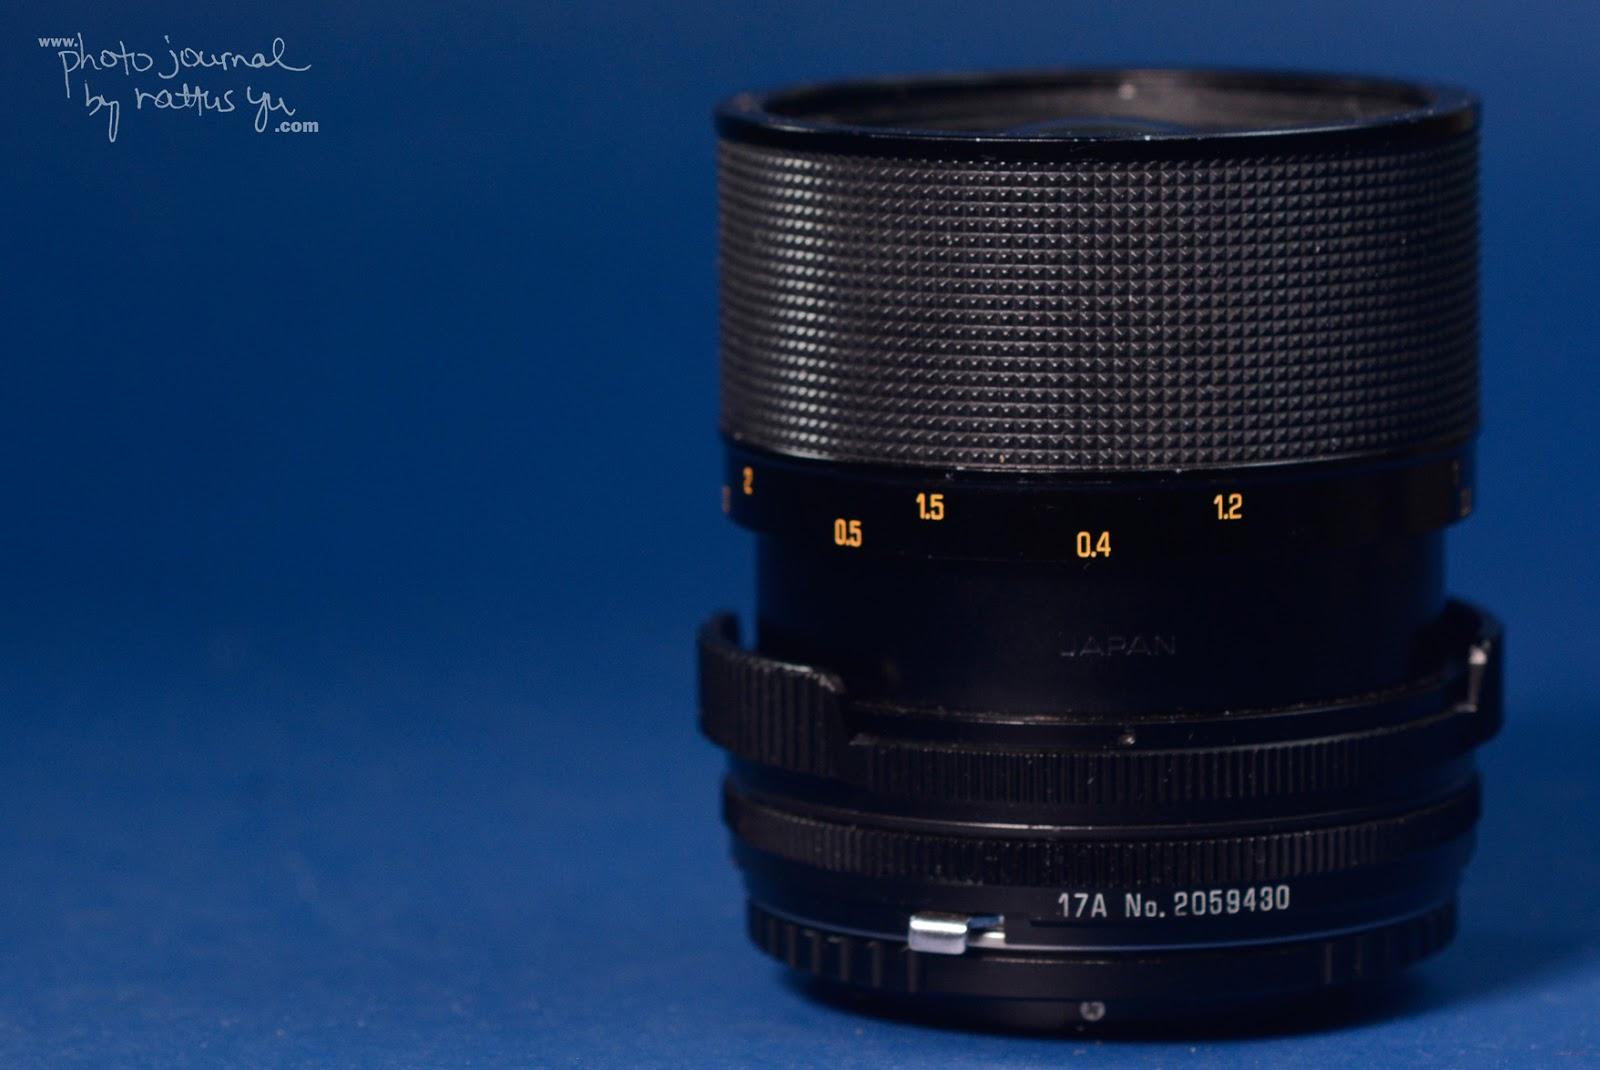 Tamron Adaptall 2 35-70mm f/3.5 Macro (17A)